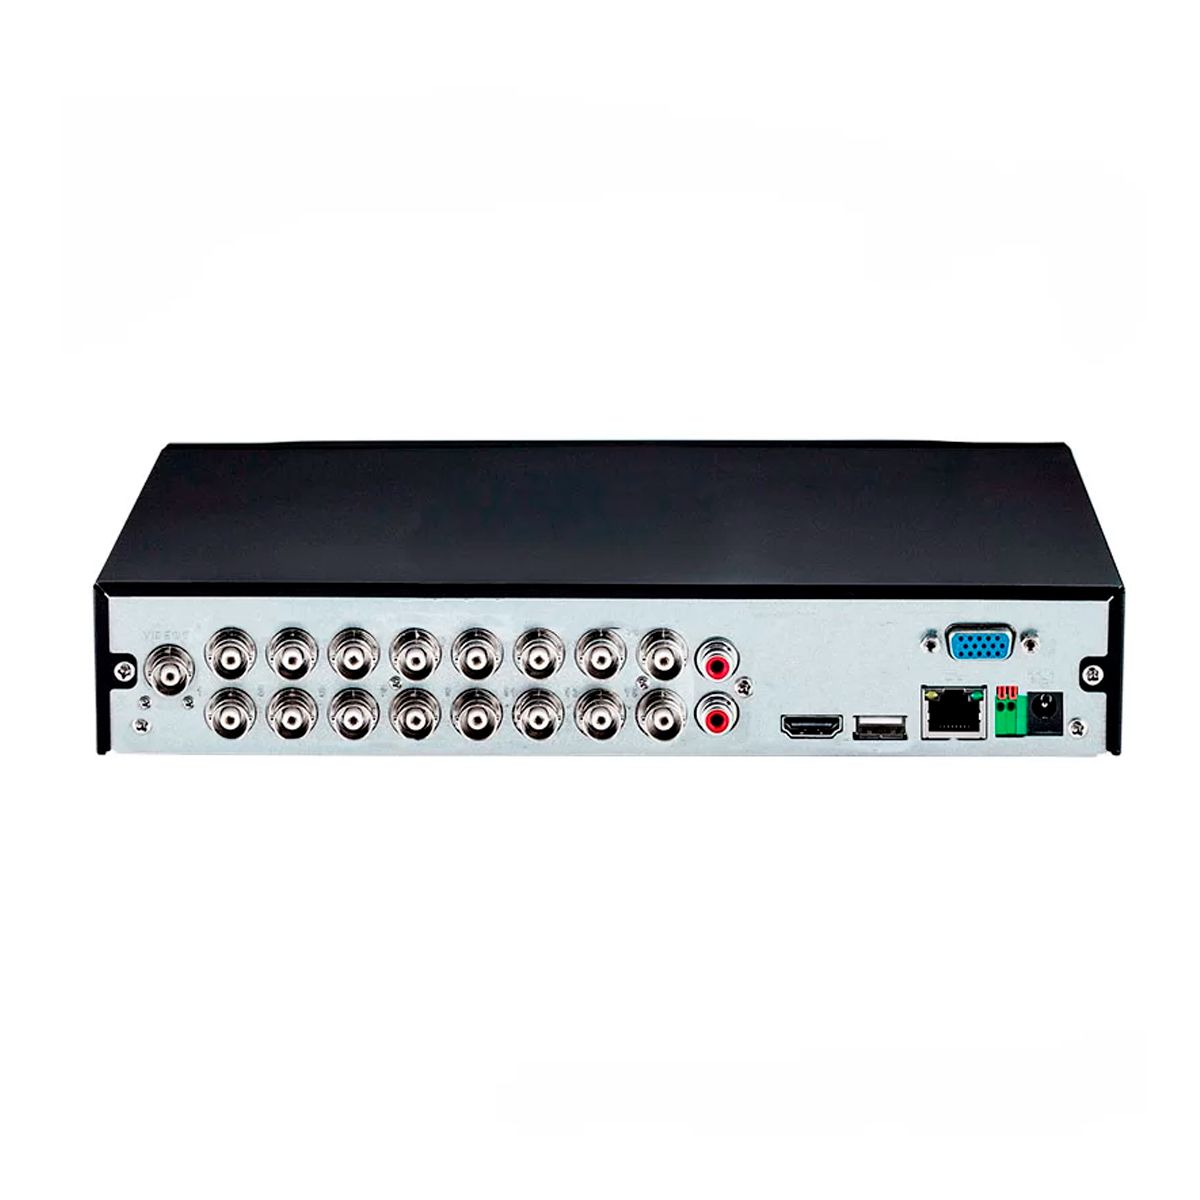 Kit 12 Câmeras VHD 1120 B G5 + DVR Intelbras + HD 1TB + App Grátis de Monitoramento, HD 720p 20m Infravermelho + Cabos e Acessórios  - Tudo Forte